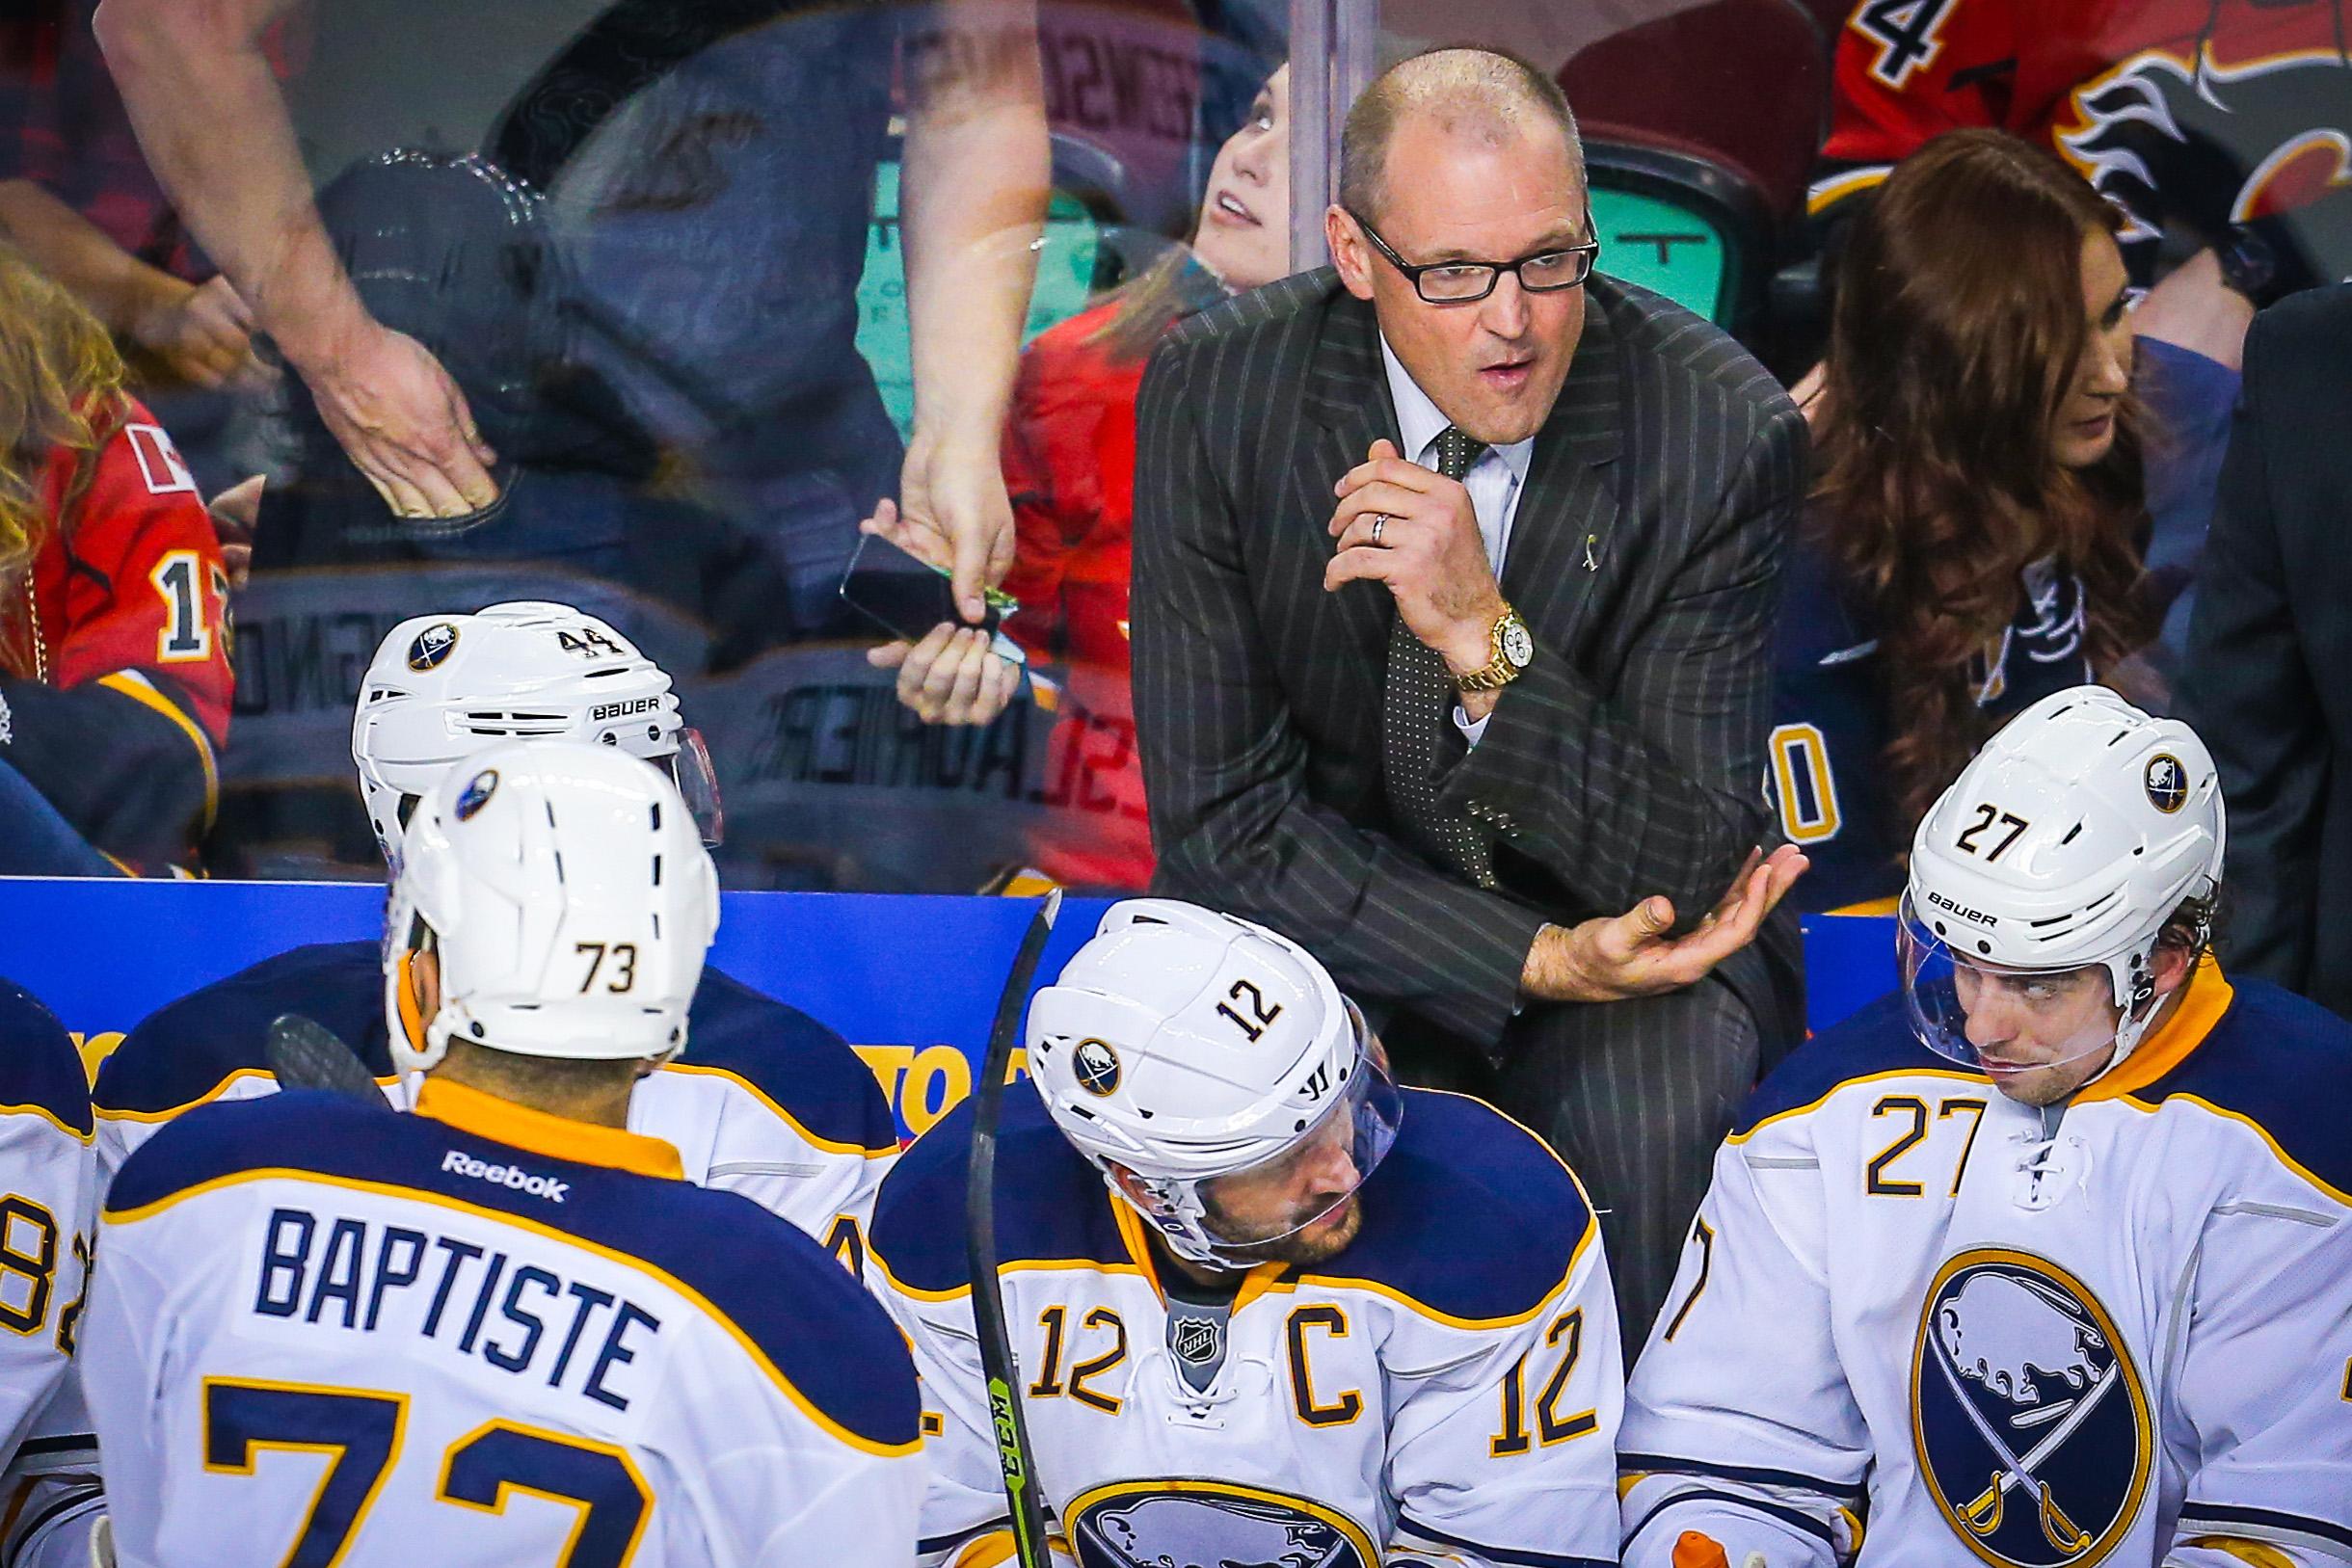 NHL: Buffalo Sabres at Calgary Flames